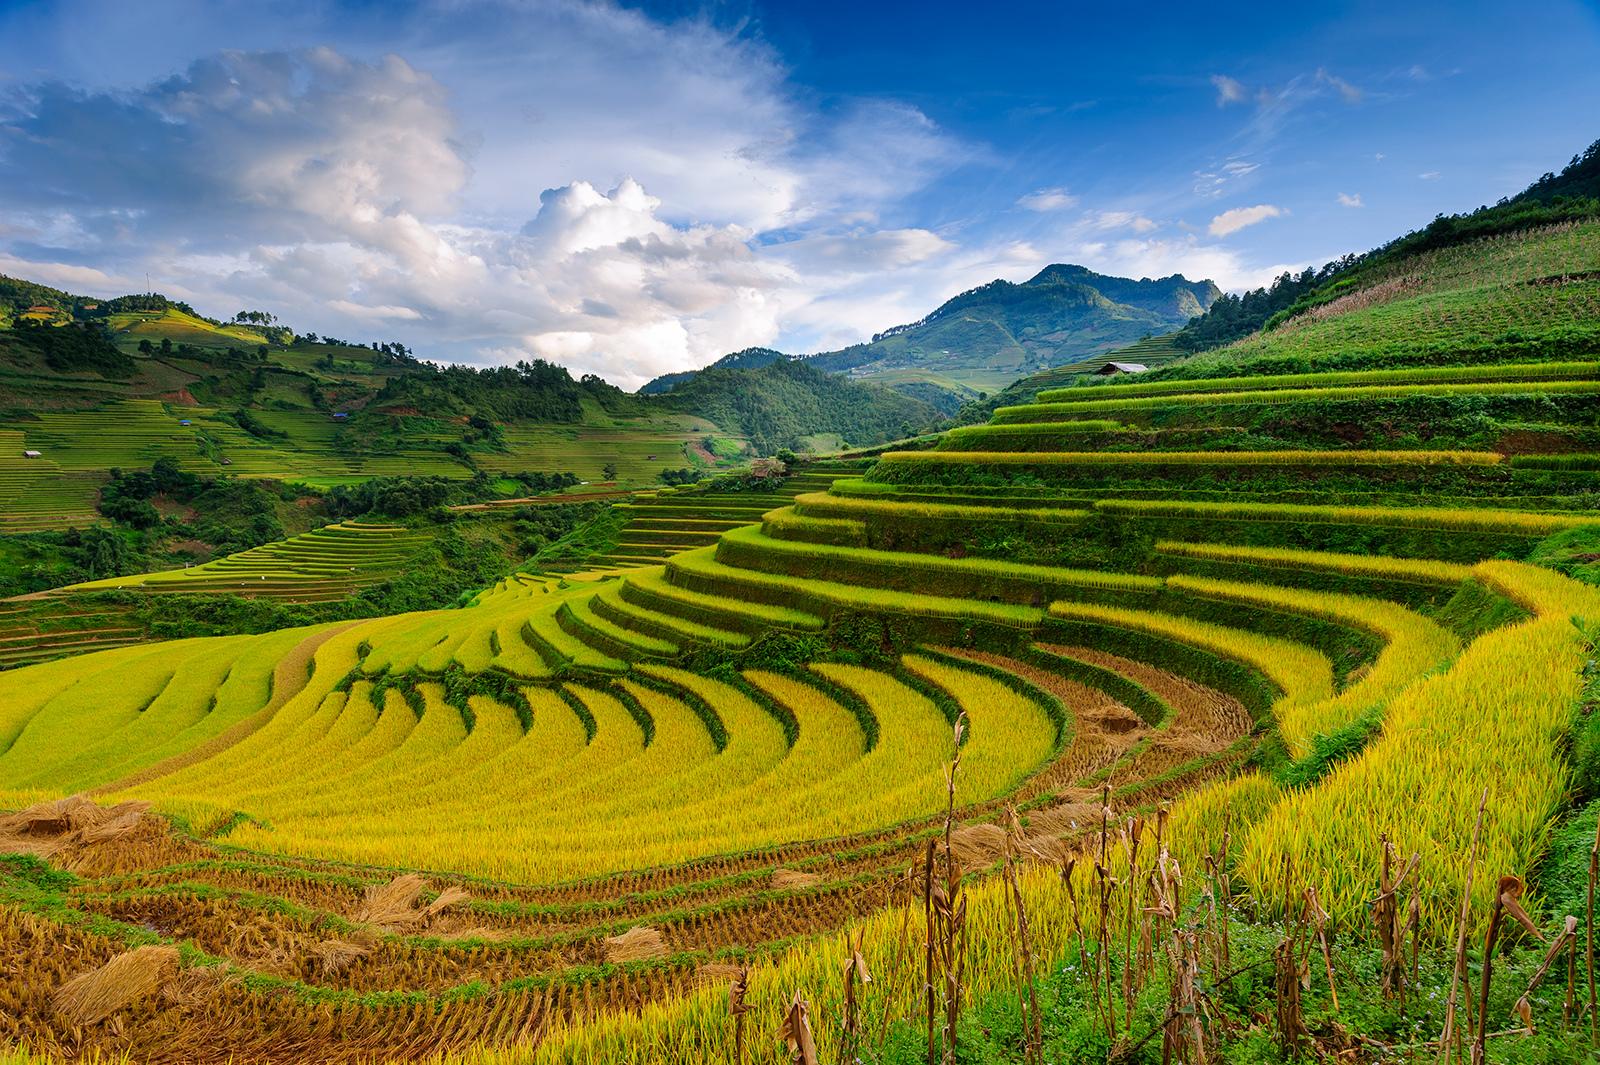 Motor Bike Rental In Sapa Vietnam Vietnam Visa Apply Vietnam Visa On Arrival Online